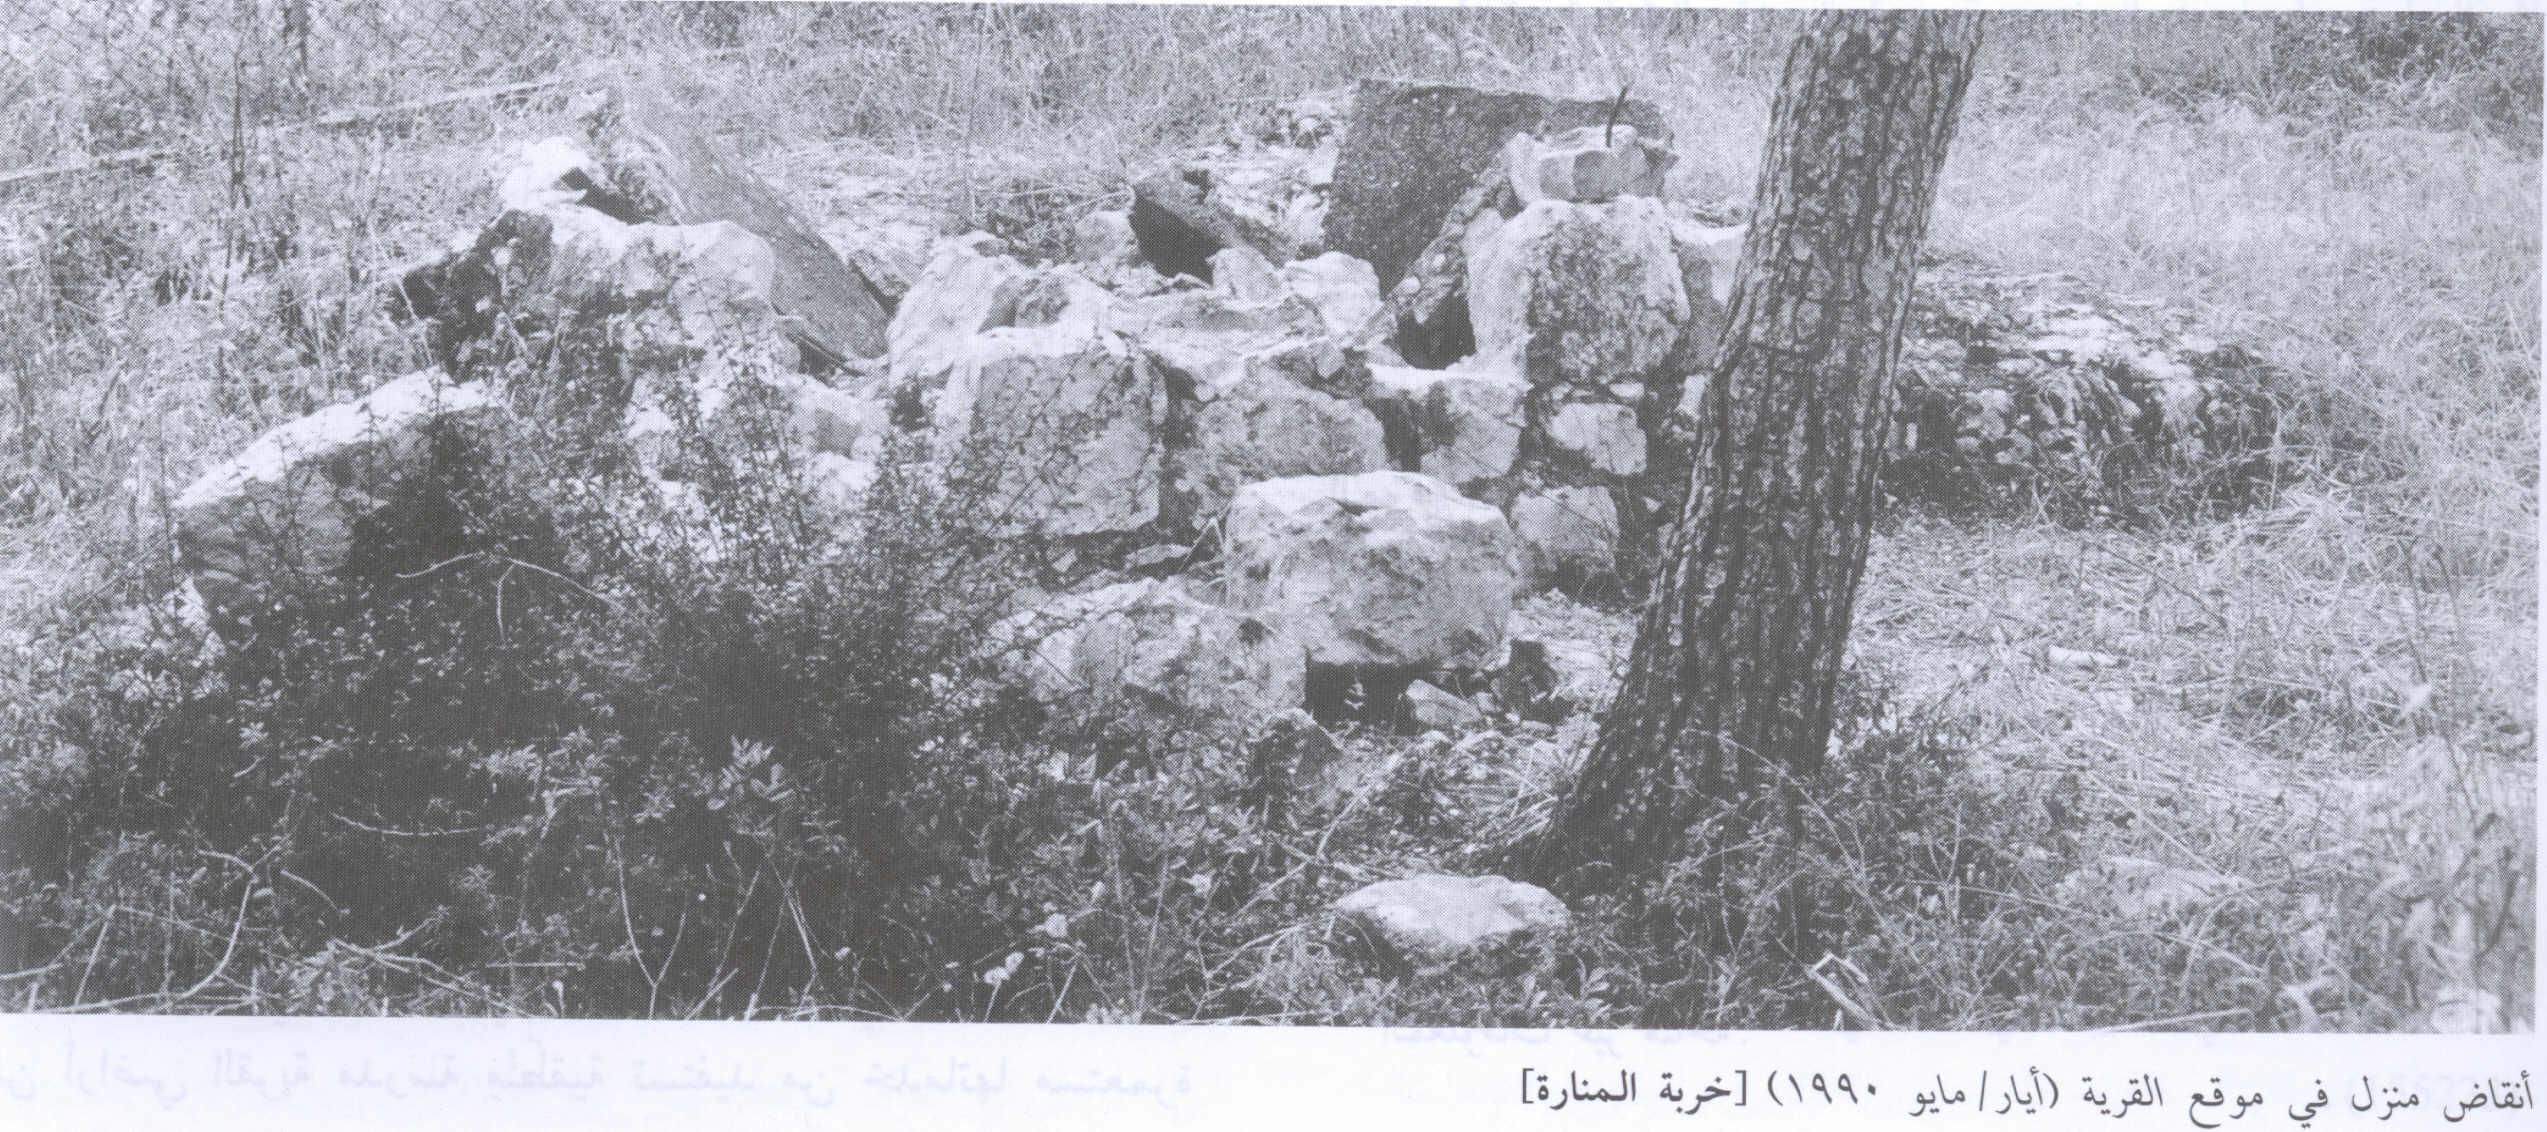 قرى فلسطين المدمرة - صفحة 2 Picture413